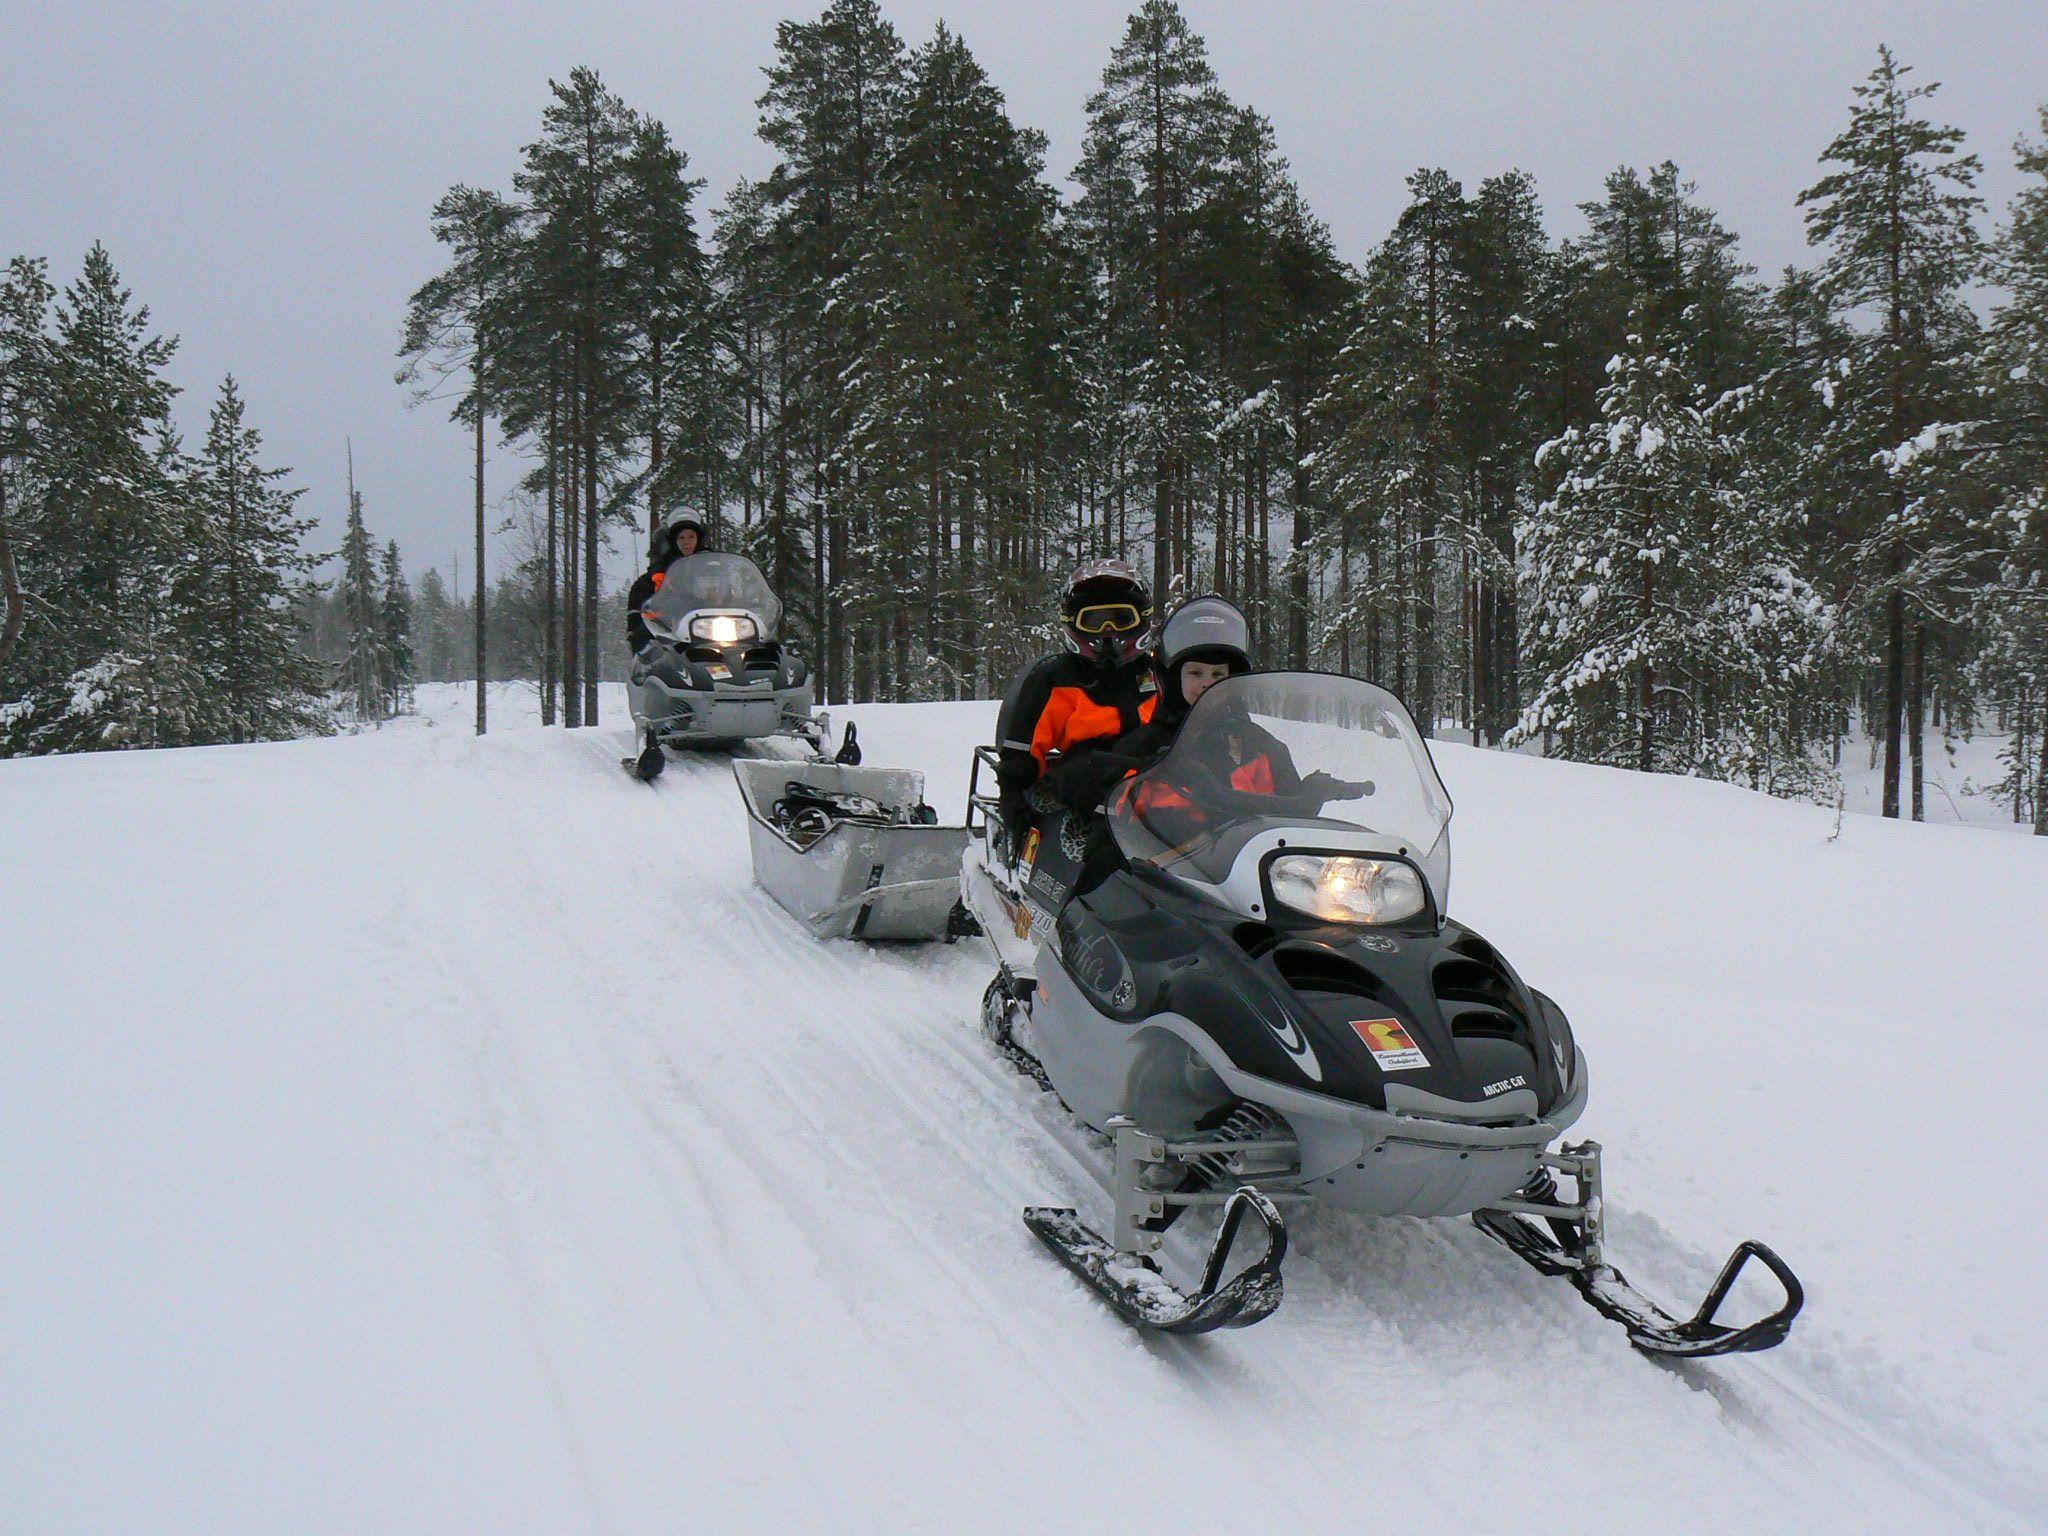 Snowmobile safari in Finland